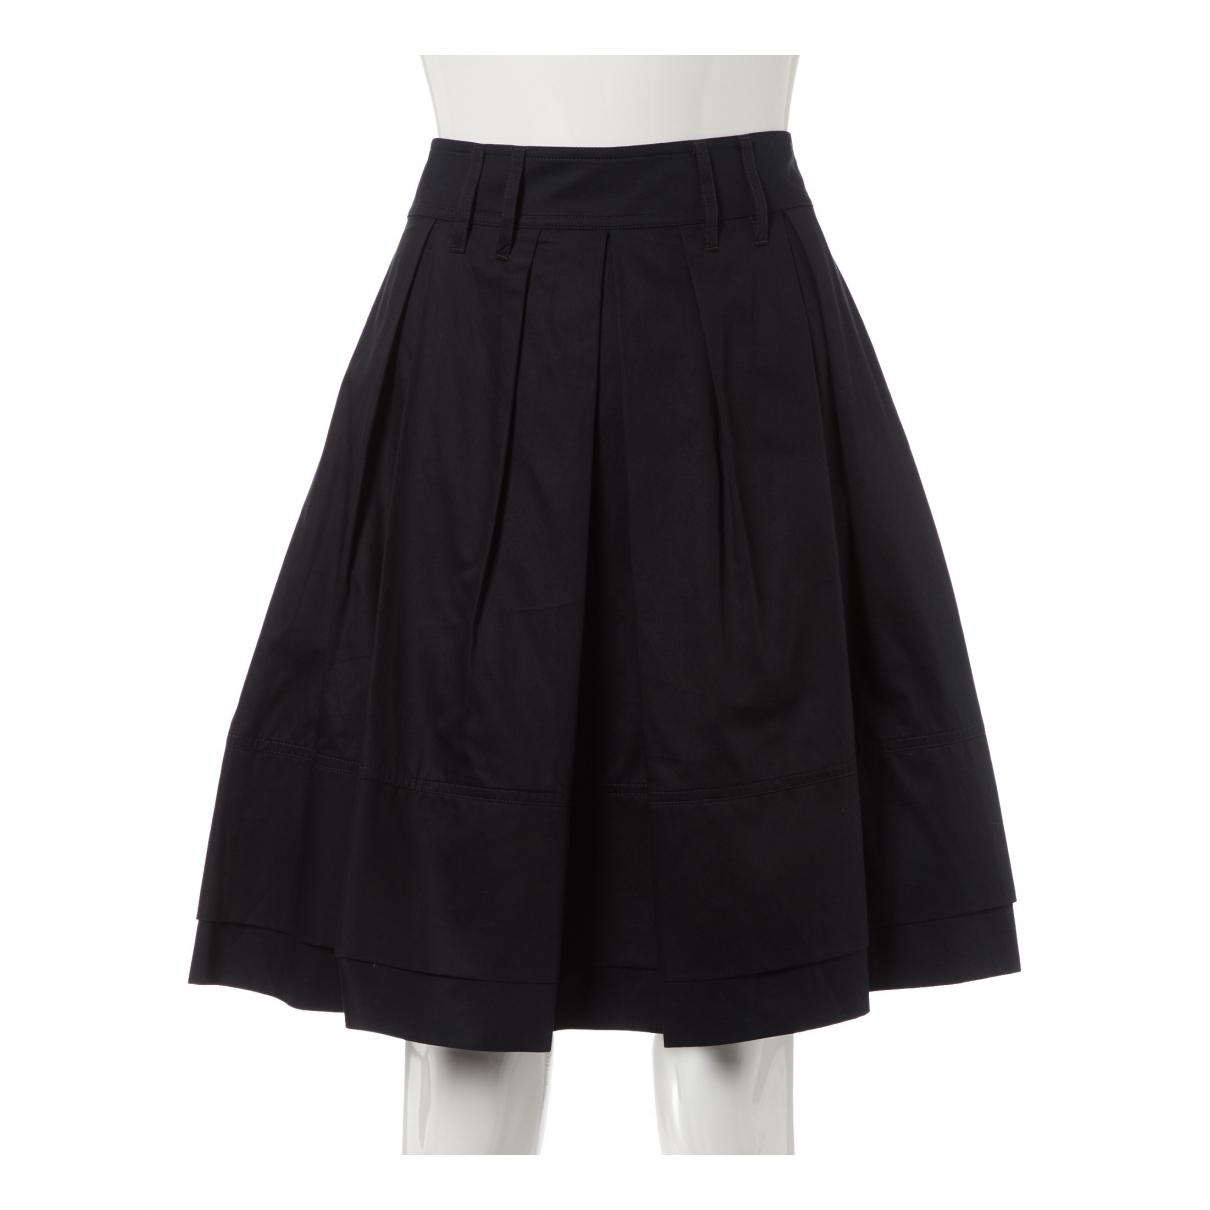 Jacquemus \N Black Cotton skirt for Women 40 FR